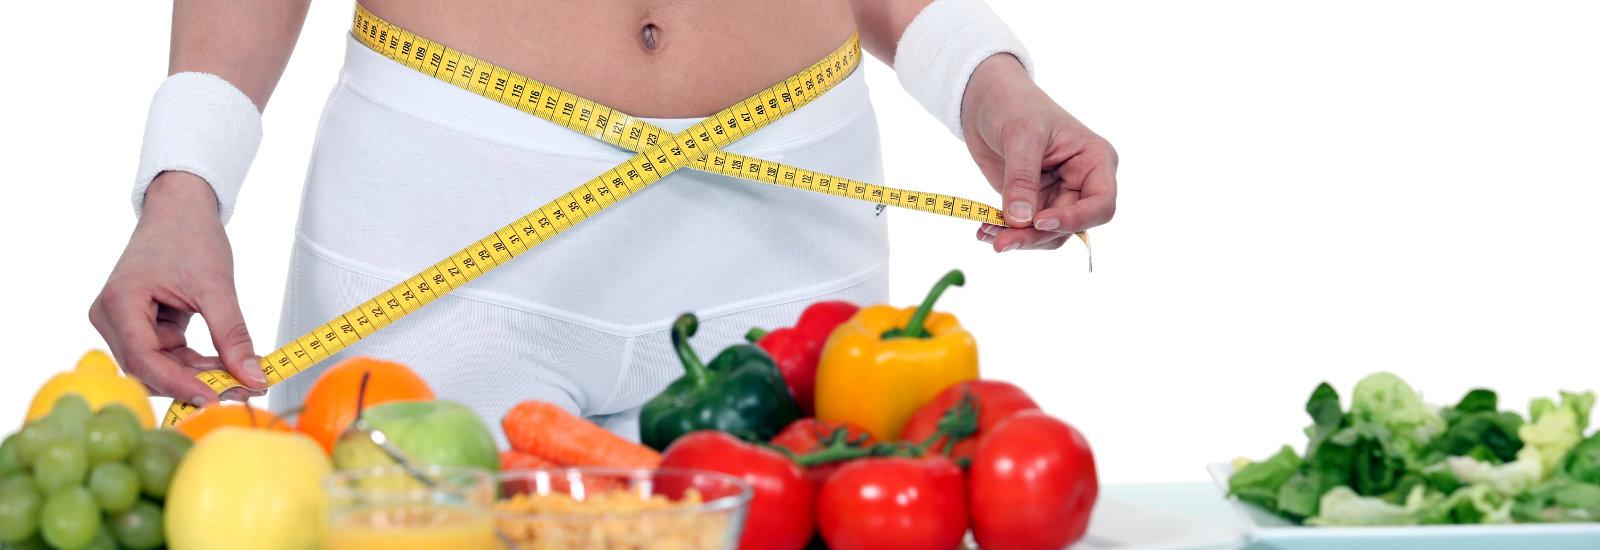 Проект Здоровье Похудеть. Худеем в интернете